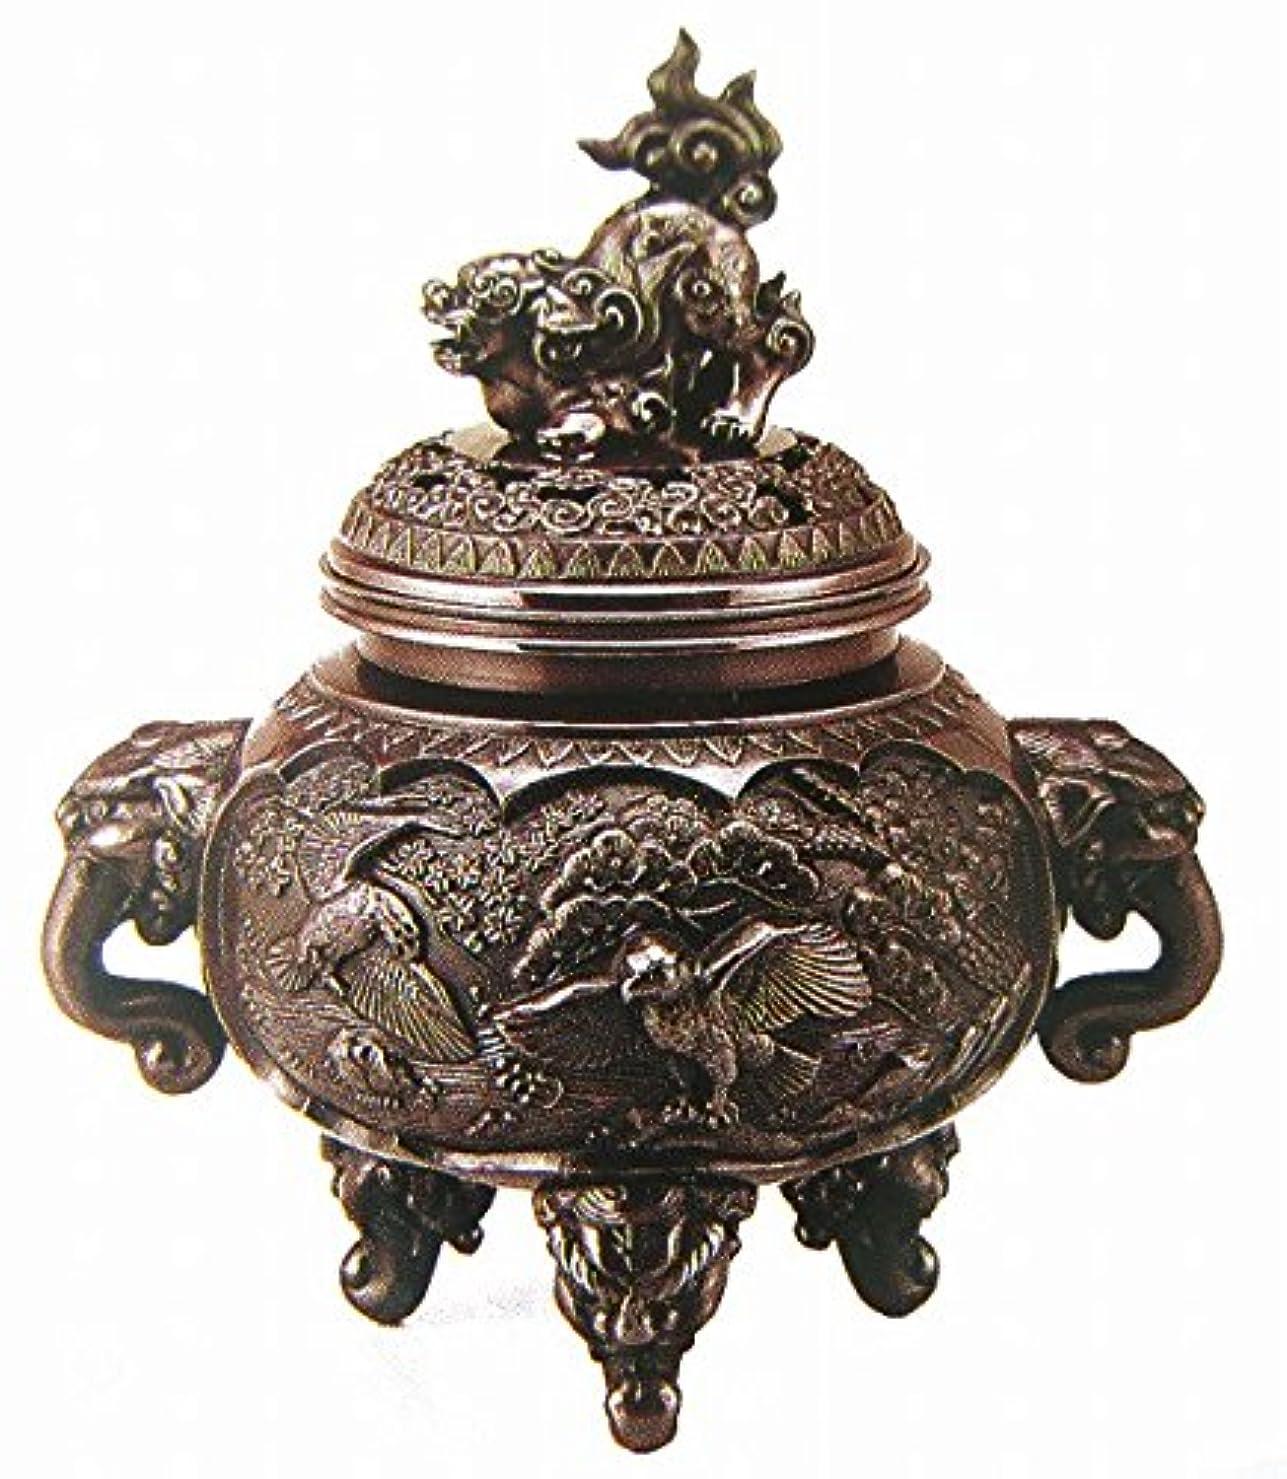 コマース懇願するアレキサンダーグラハムベル『新特大花鳥香炉』銅製